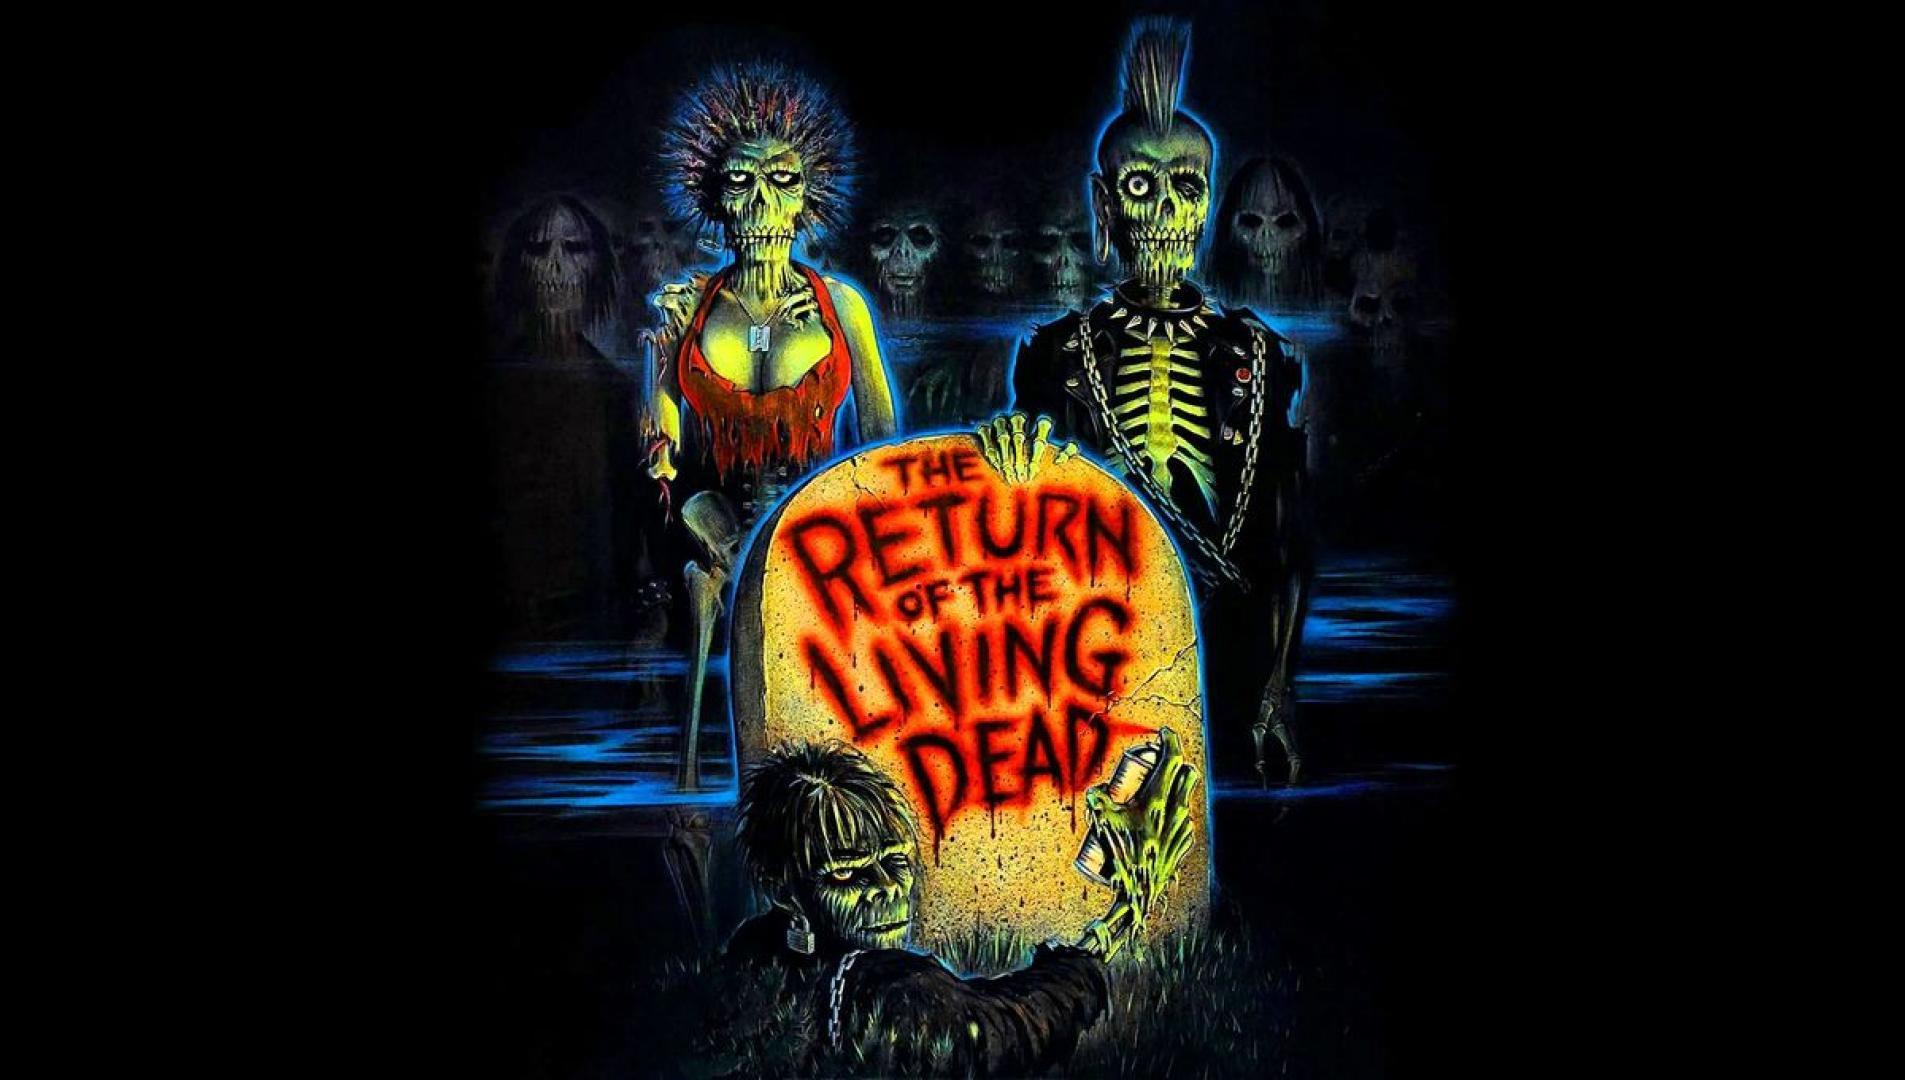 Kulisszák mögött XXVIII. - 20 érdekesség Az élőhalottak visszatérnek című filmről